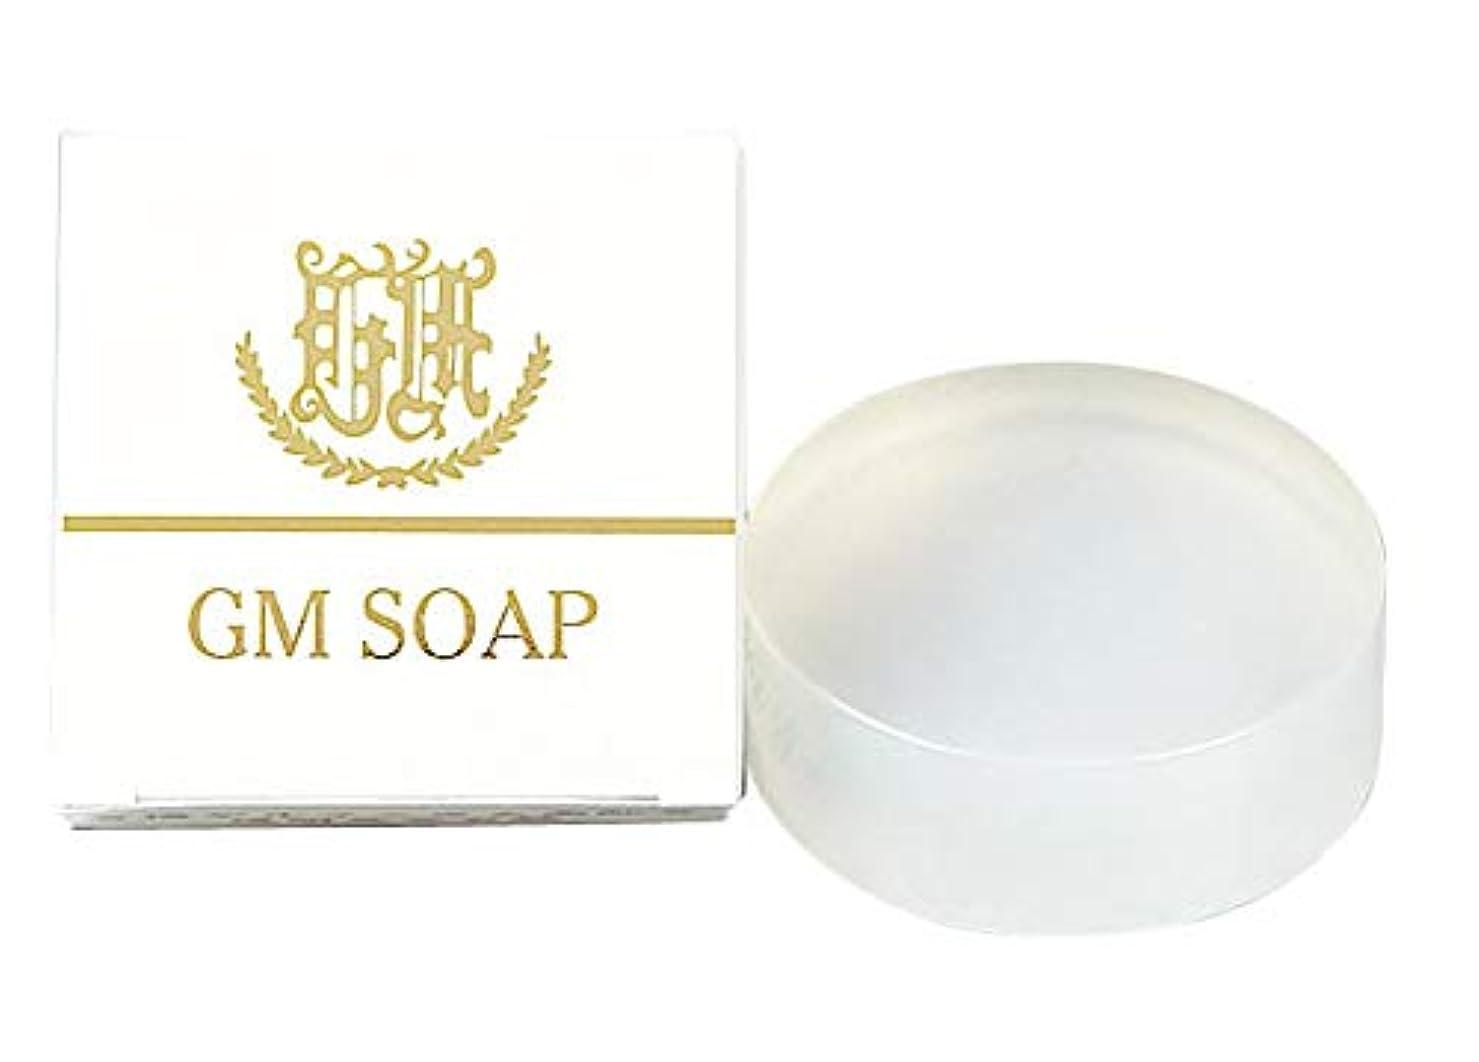 フェンス提唱するゴシップ【GM SOAP(ジーエムソープ)】 100g